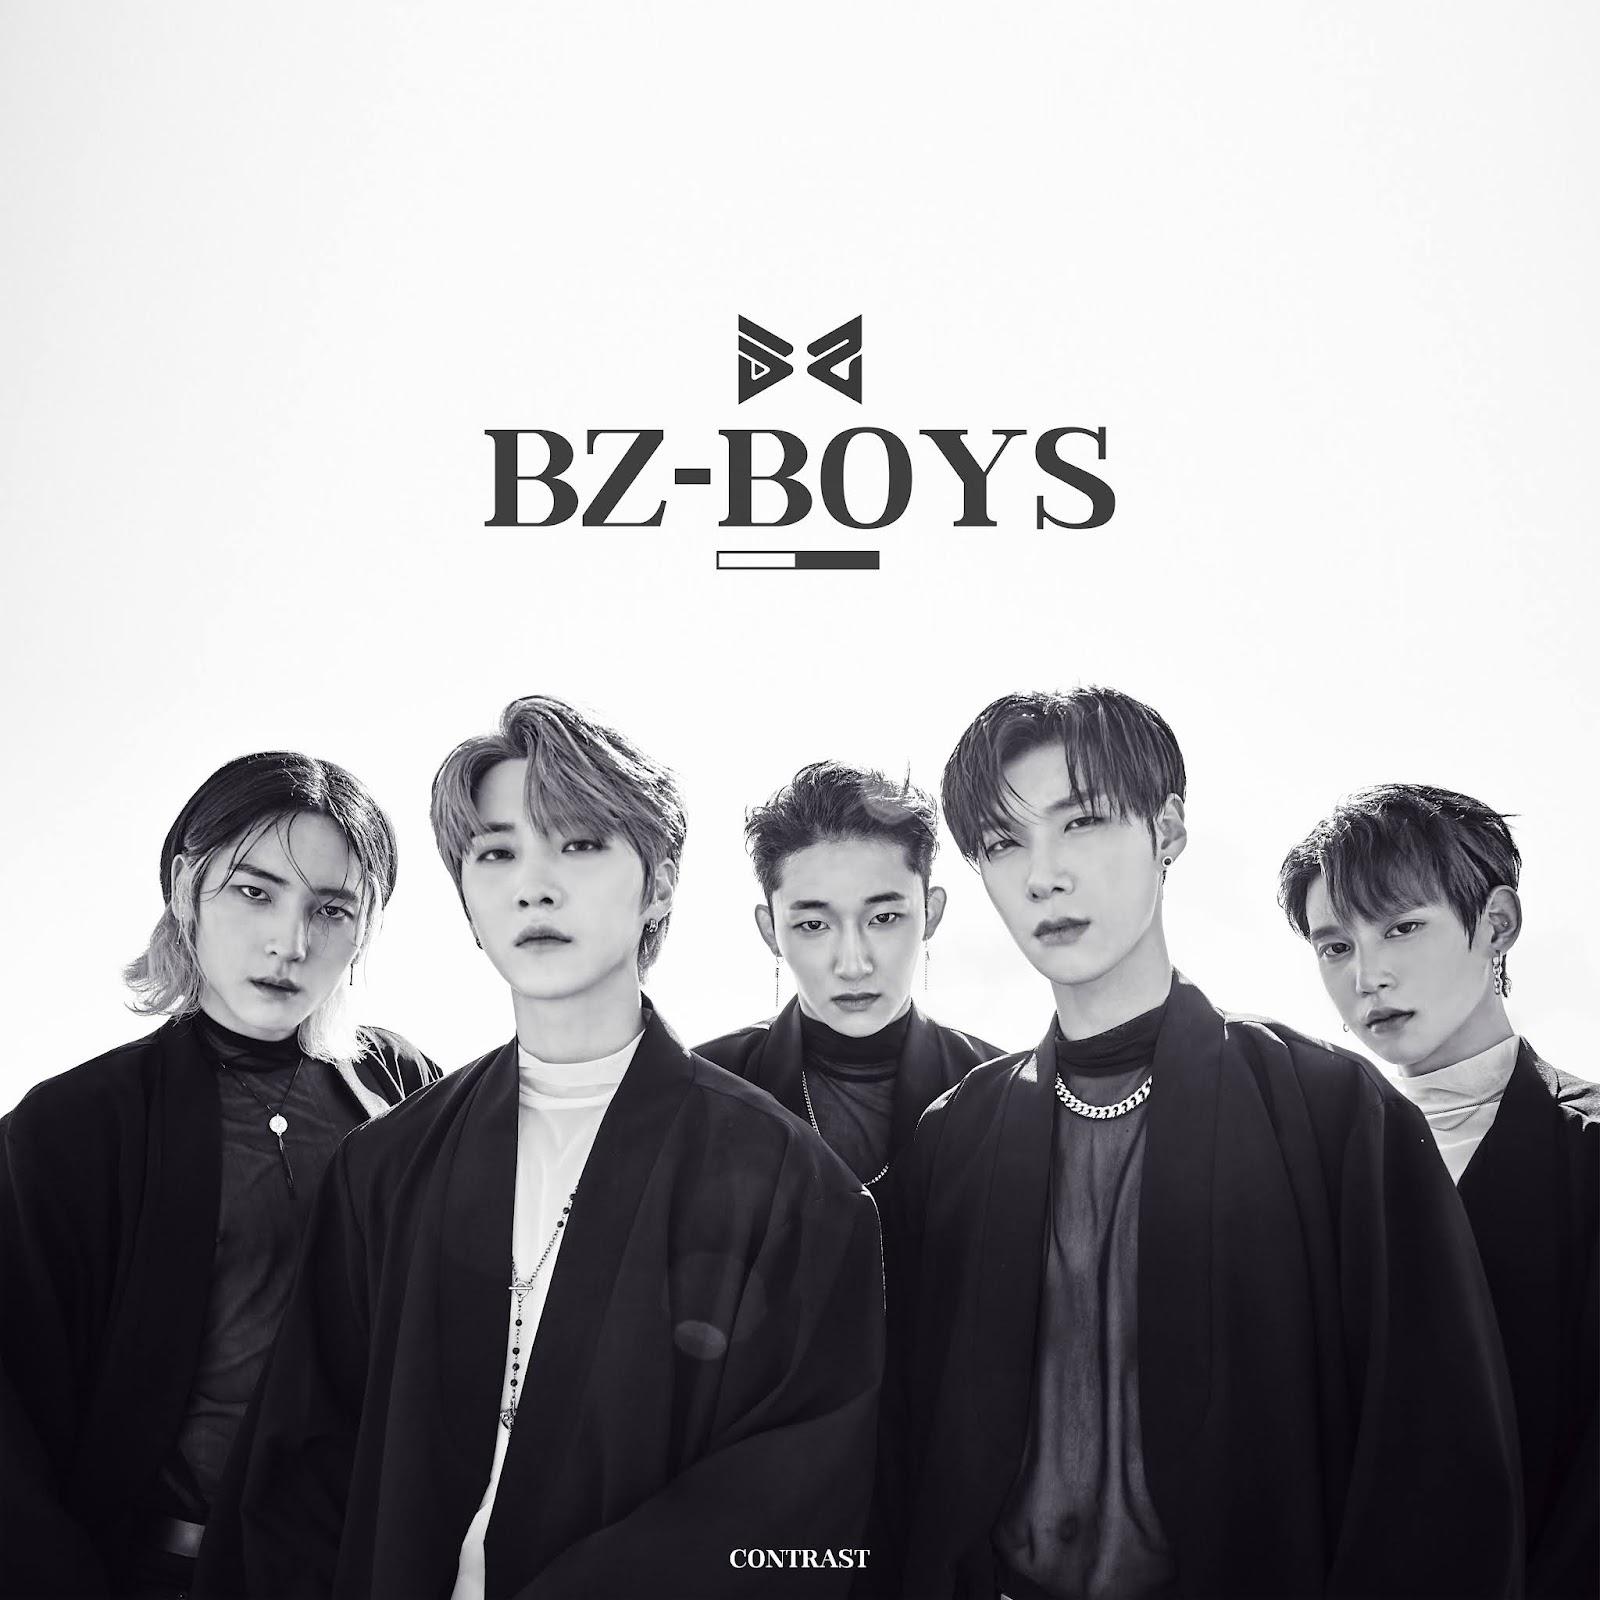 bz-boys contrast cover